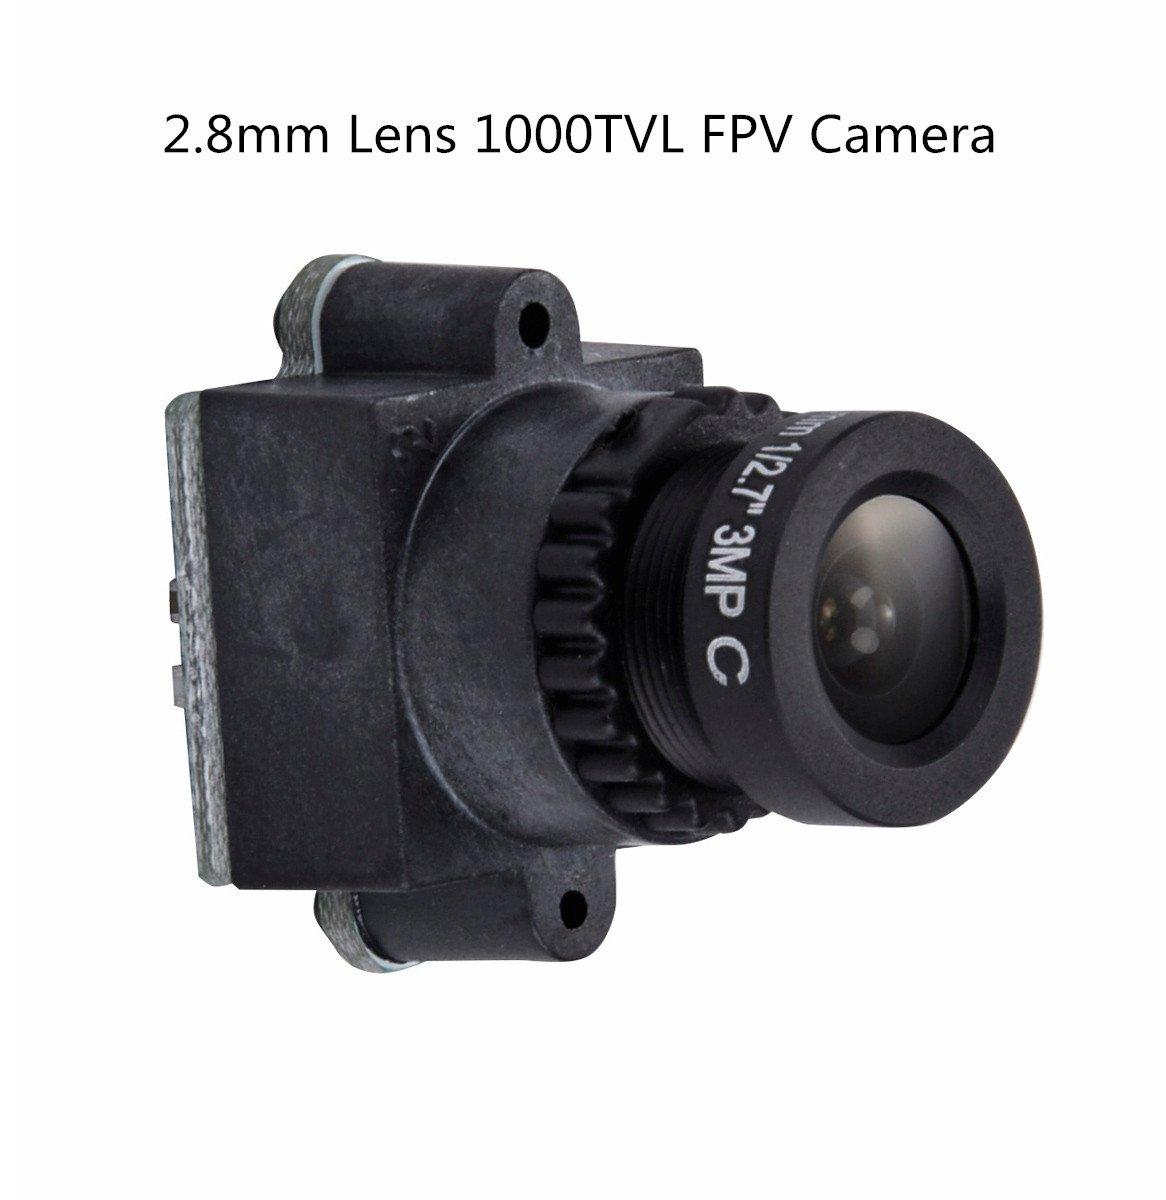 Crazepony 1000TVL FPV Camera 2.8mm Wide Angle Lens CMOS NTSC PAL for QAV250 Multicopter